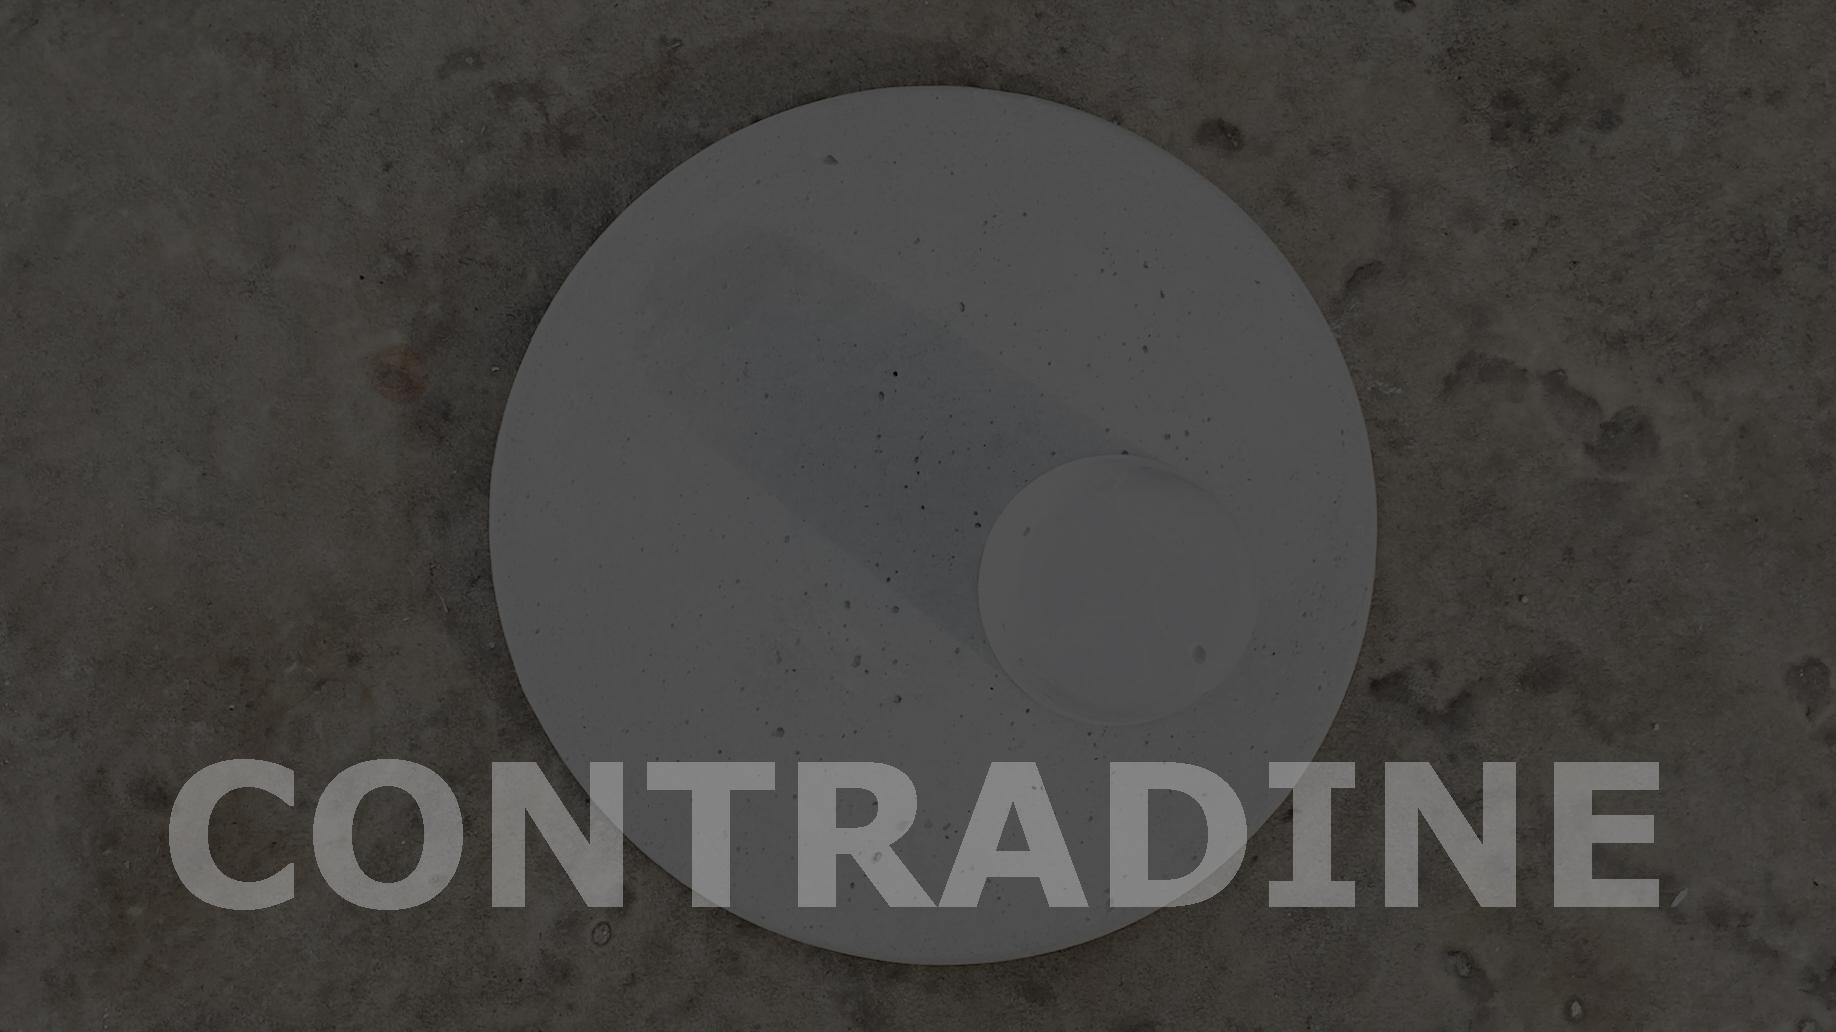 Contradine.jpg